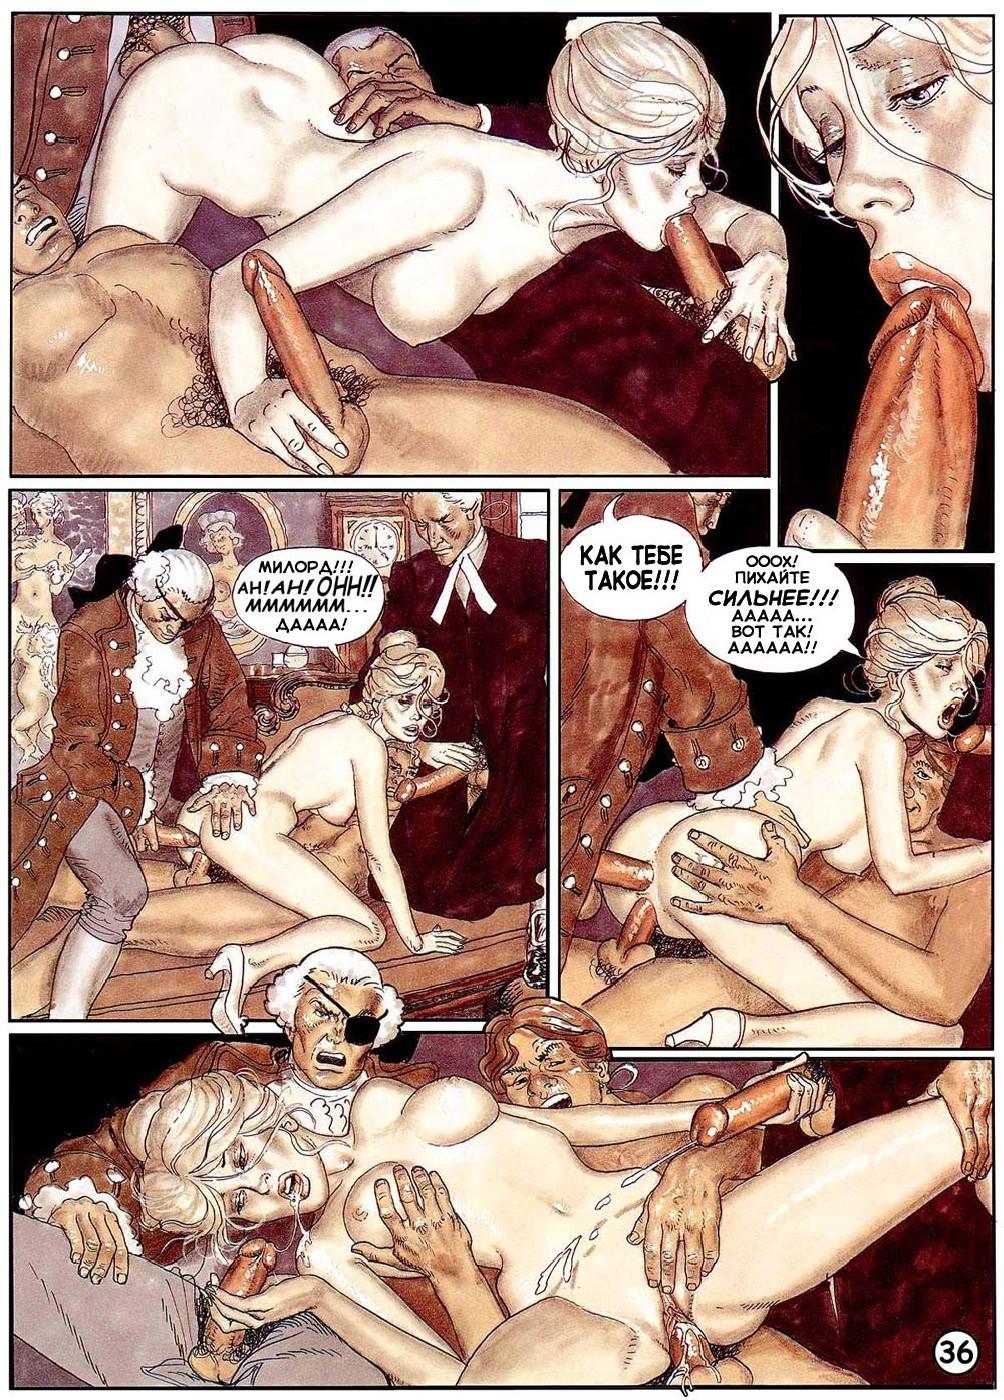 seks-komiksi-srednevekove